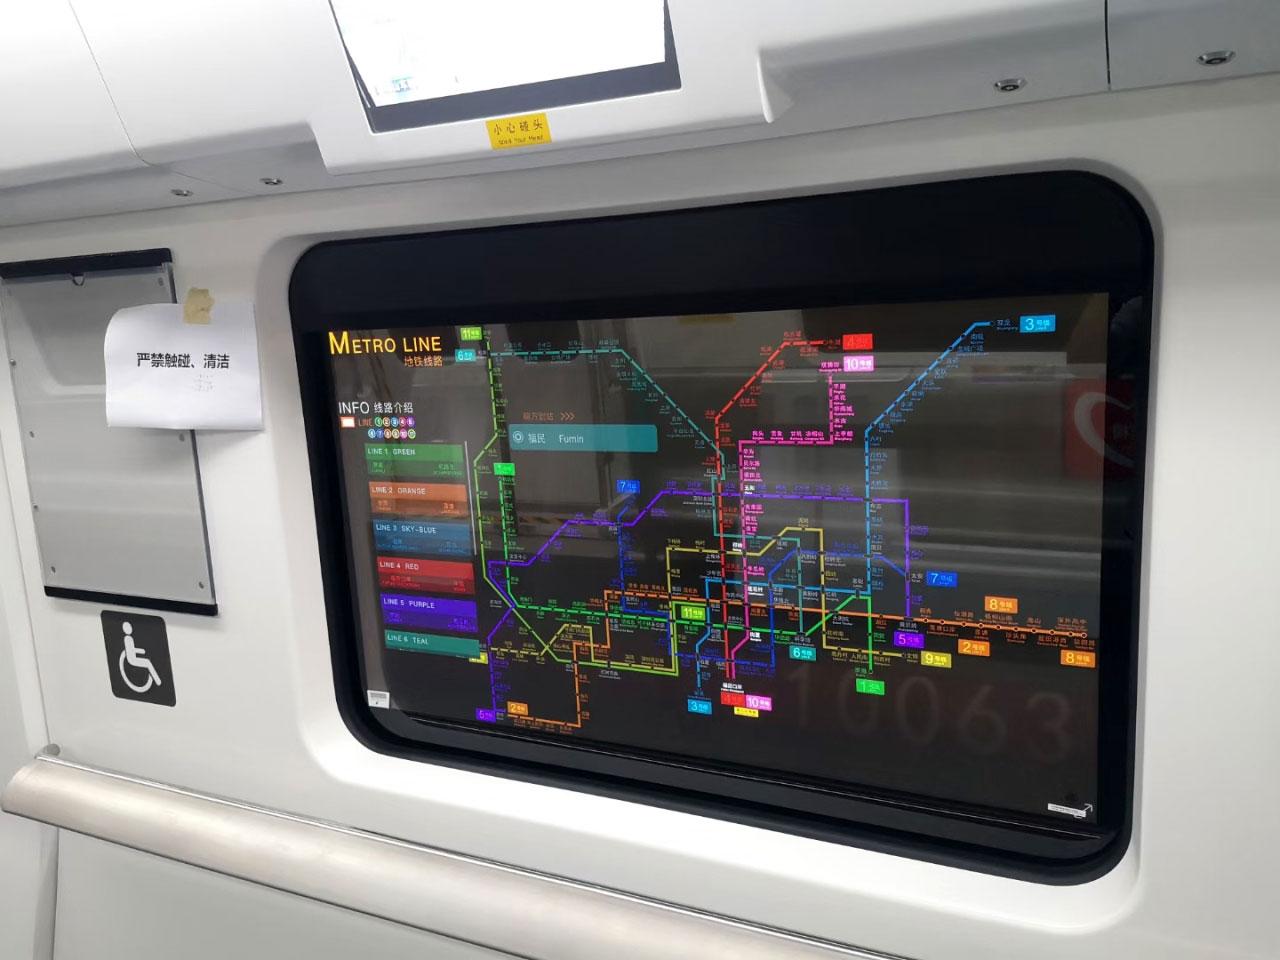 نمایشگر OLED شفاف ال جی در مترو چین استفاده شد